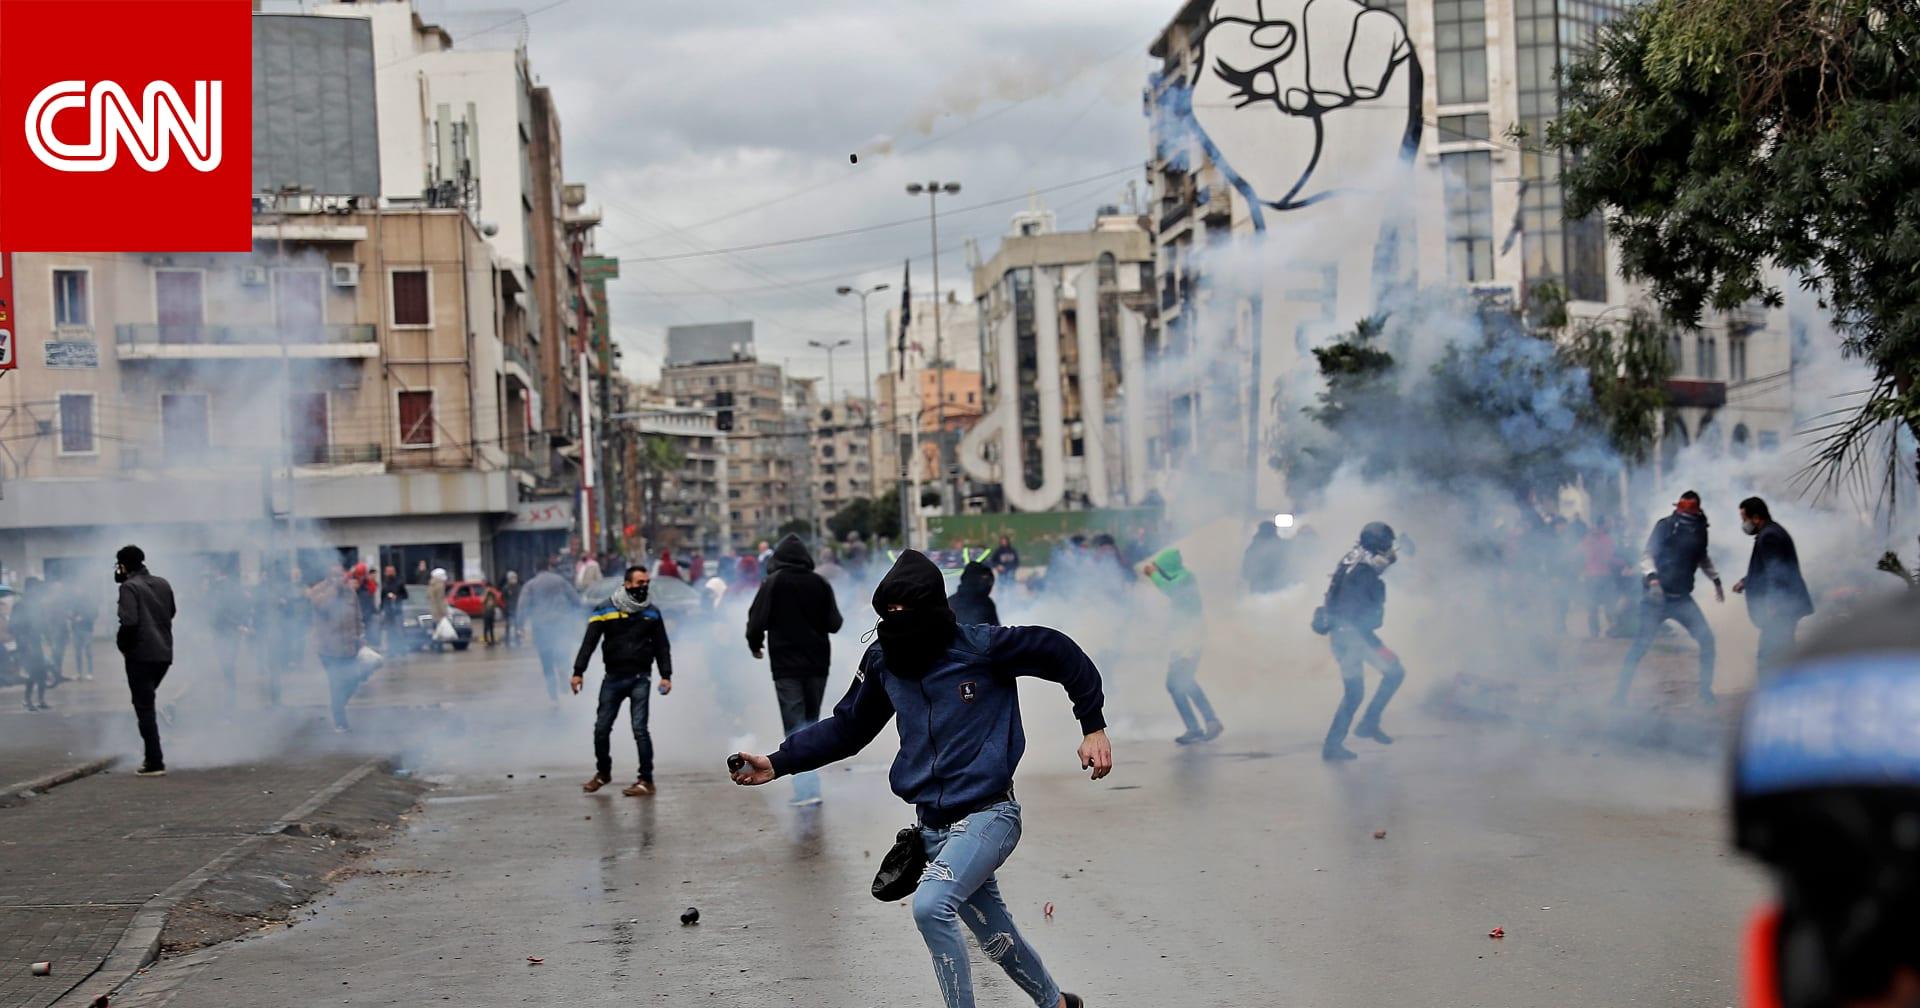 لبنان: تواصل الاشتباكات بين محتجين وقوى الأمن في طرابلس لليوم الرابع